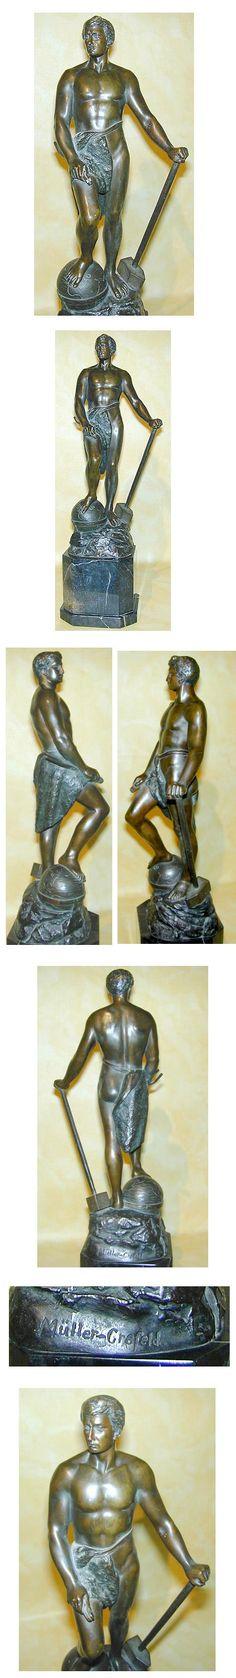 Adolf Müller-Crefeld ( 1863- ) großer Bronzeschmied auf Marmorsockel Höhe 51cm